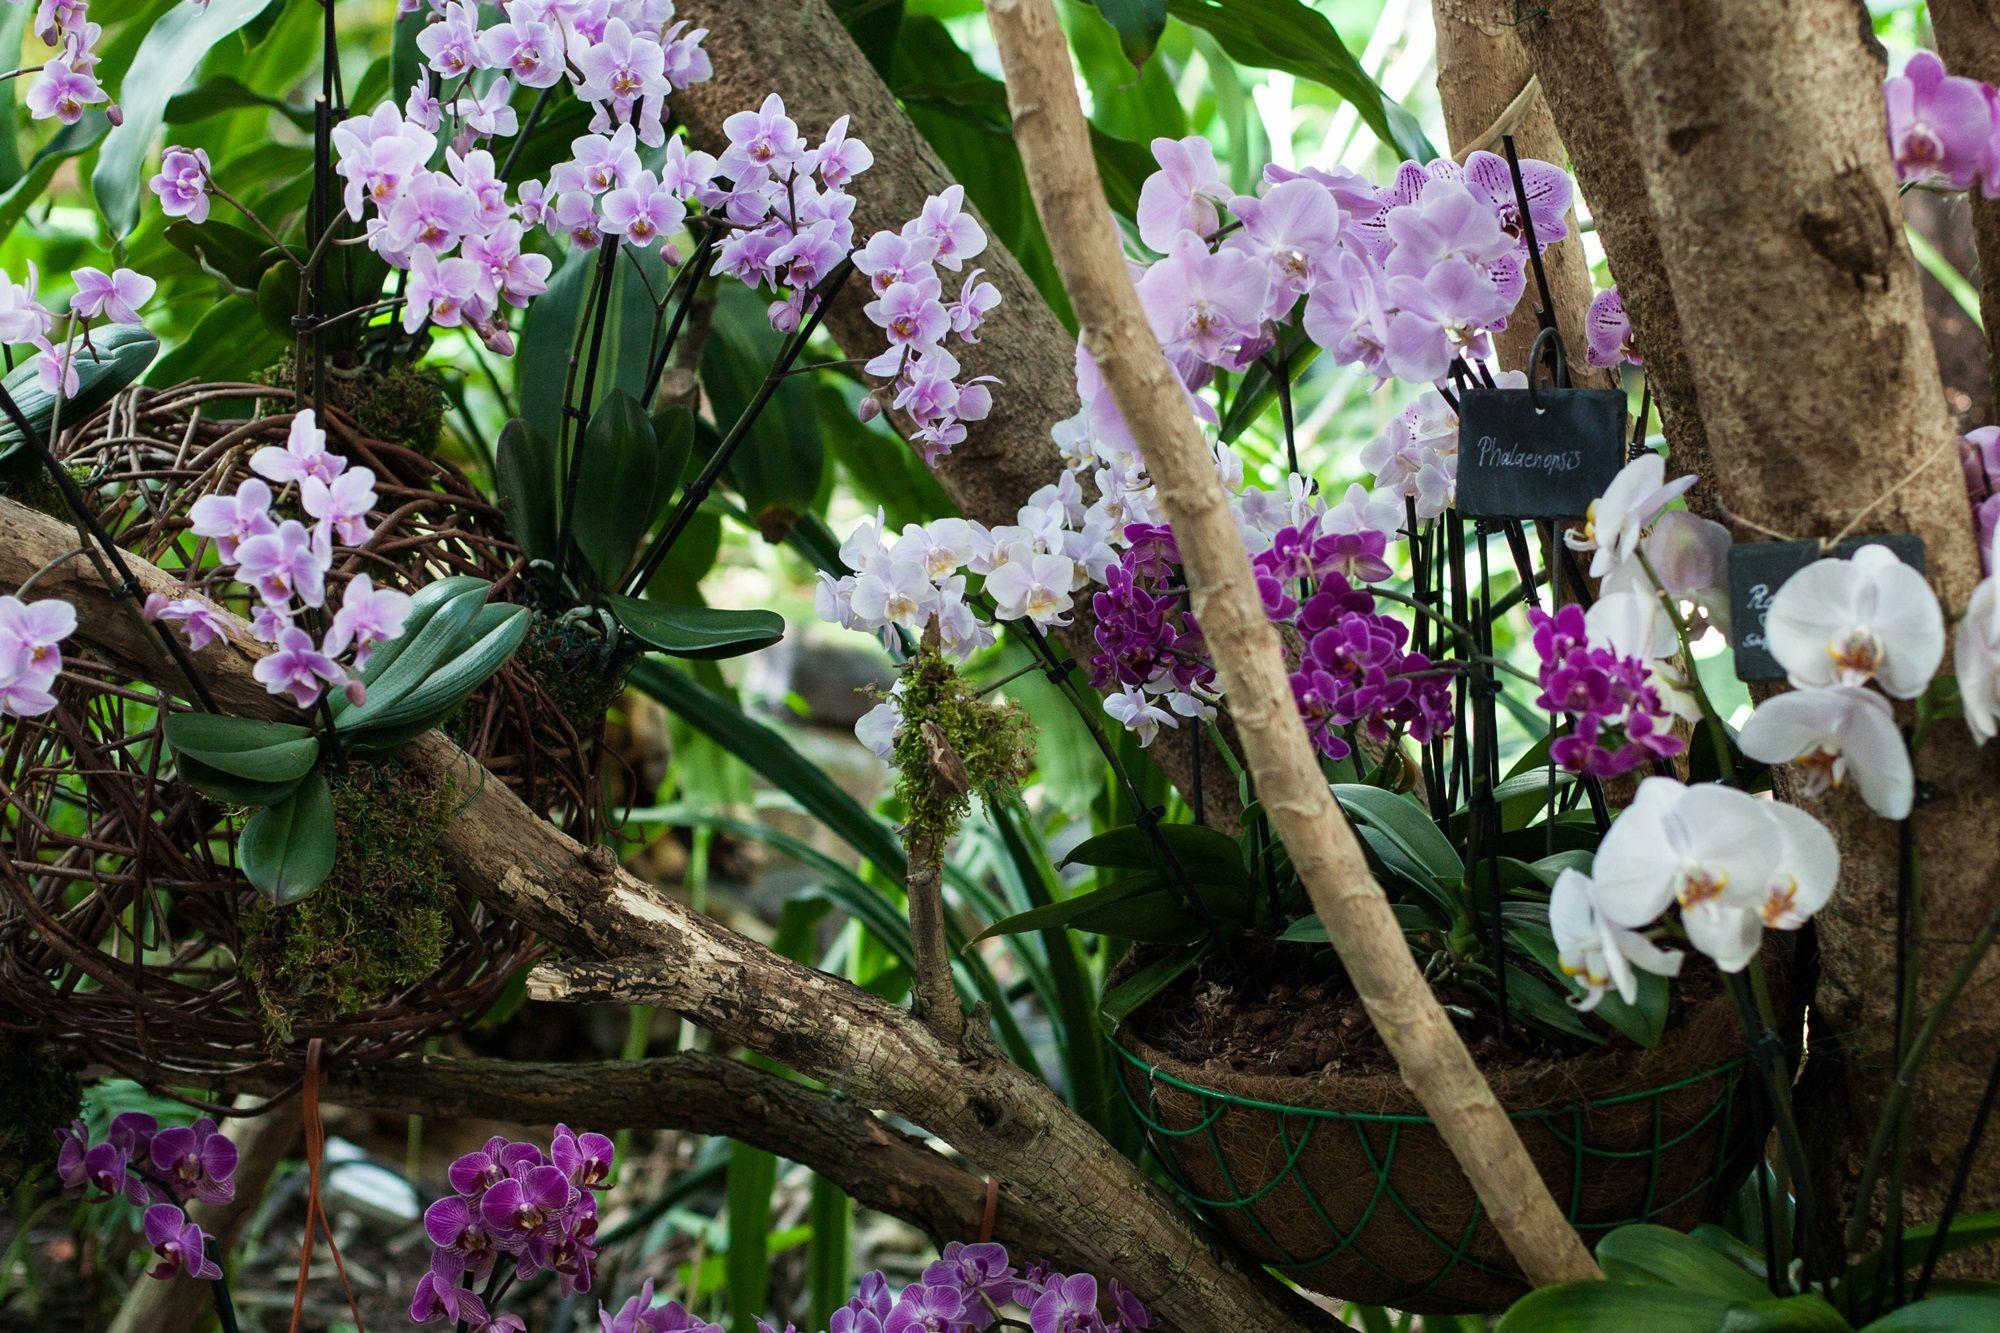 Orchideen in der Biosphäre Potsdam, Foto: Sabrina von der Heide